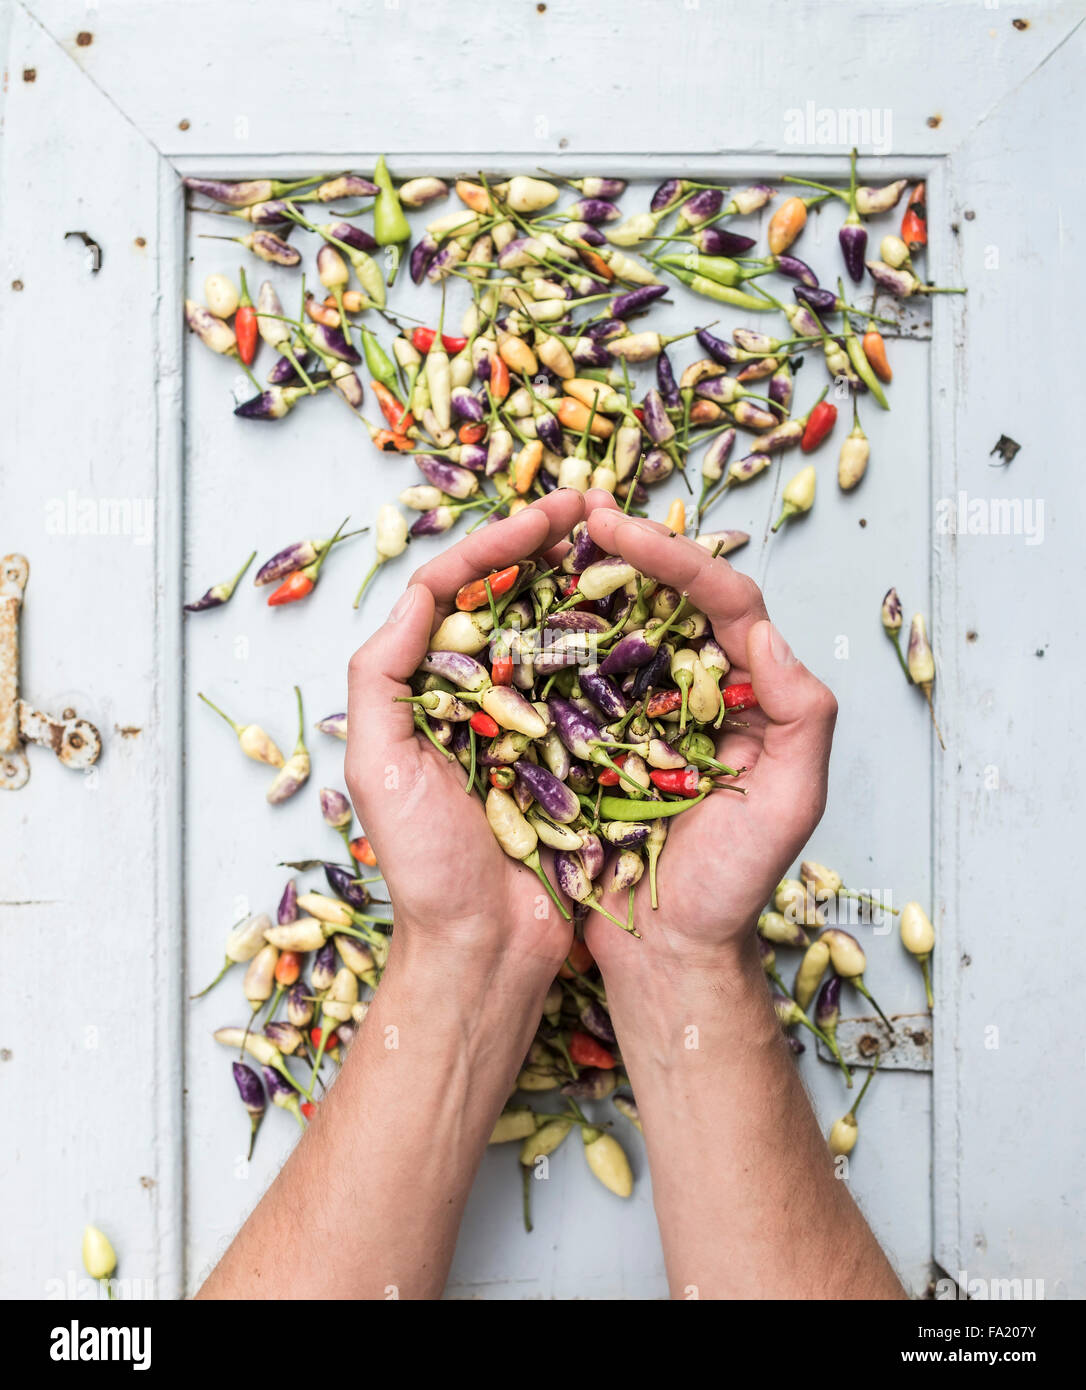 Les mains de l'homme garder chaude poignée de petits piments turc, vue du dessus Photo Stock